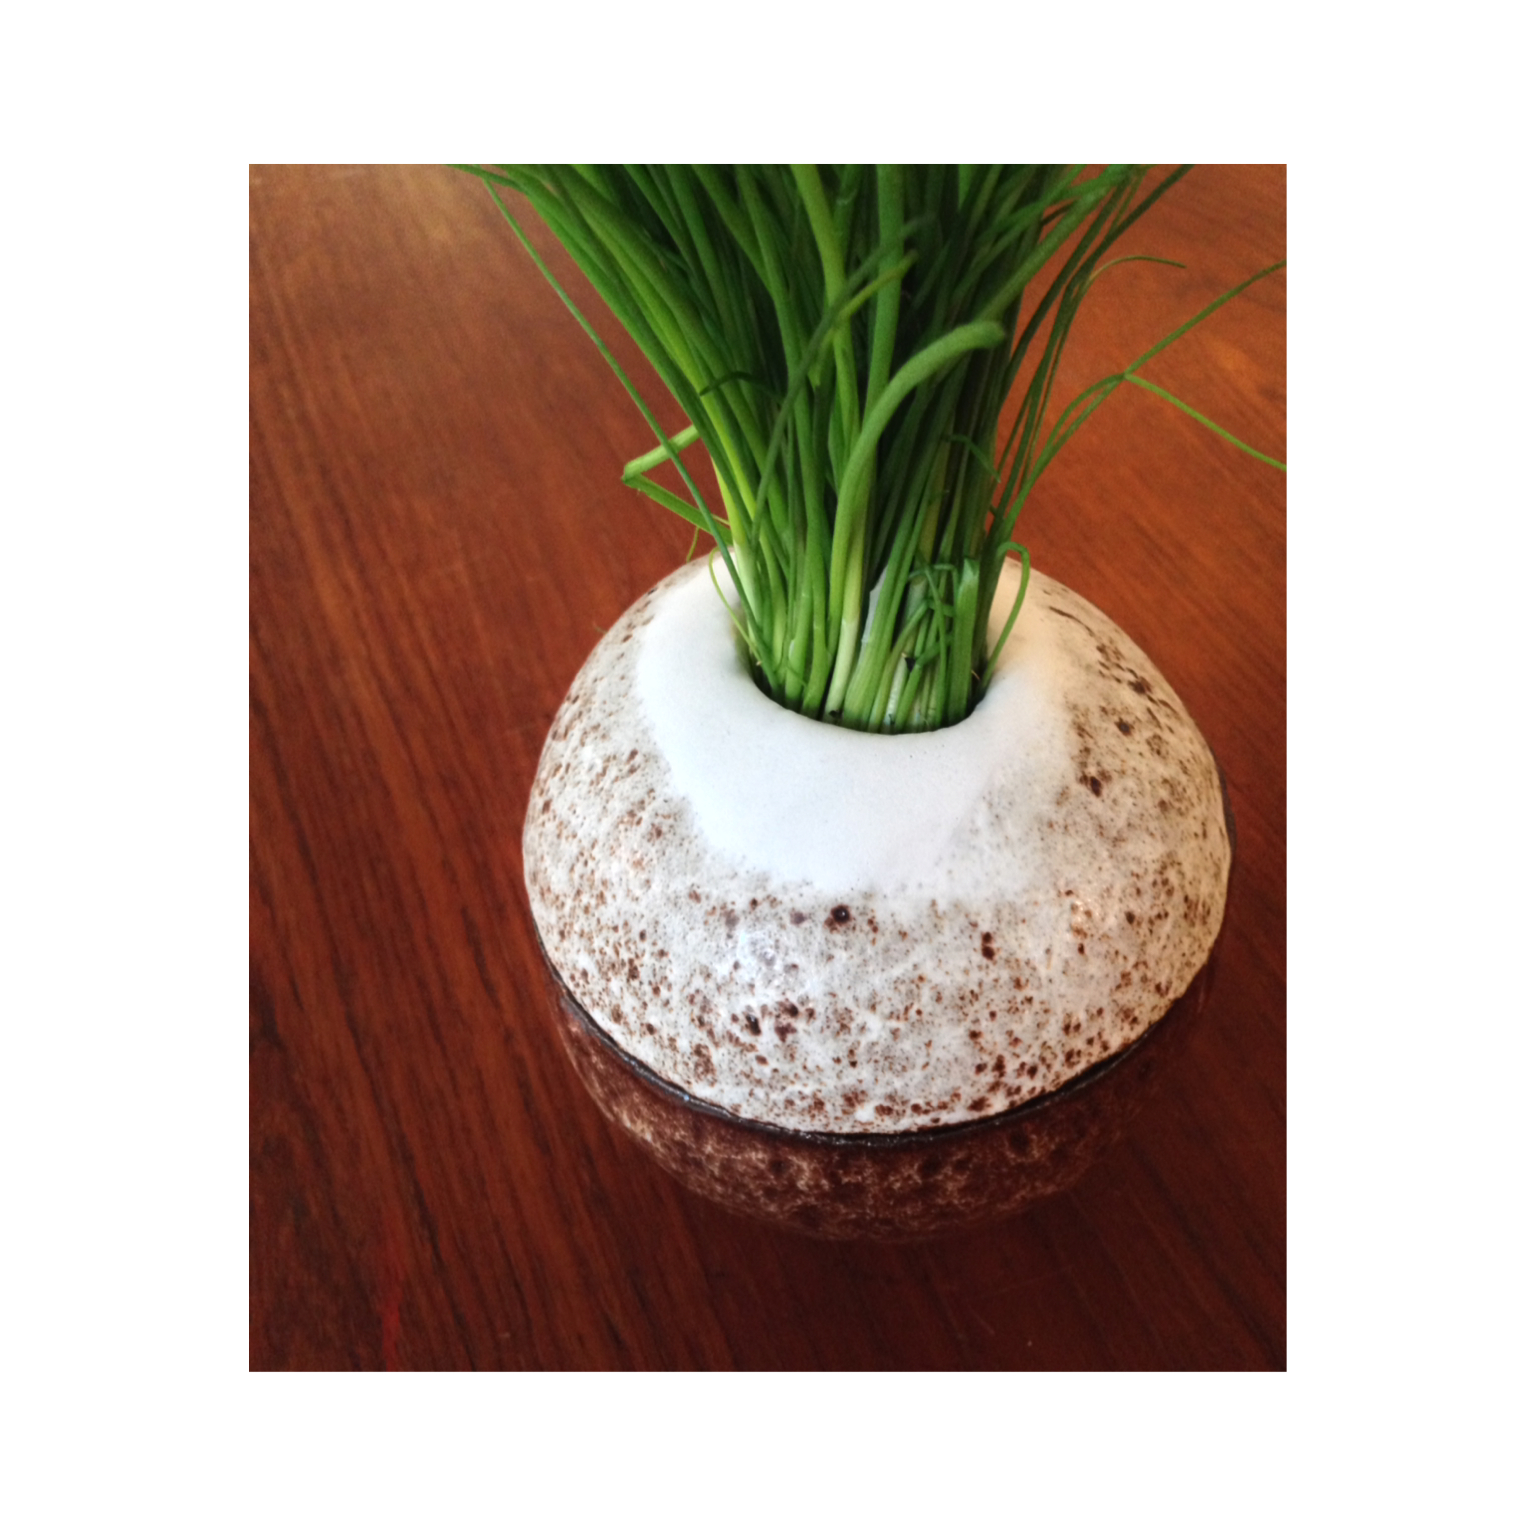 Denne her kokosnødlignende purløjsholder skål er god på forårsbordet. Purløget er fikst placeret, og mankan lige klippe toppen af med en saks.  Overfladen er meleret chokolade farvet med en top af hvidt, mat porcelæn.